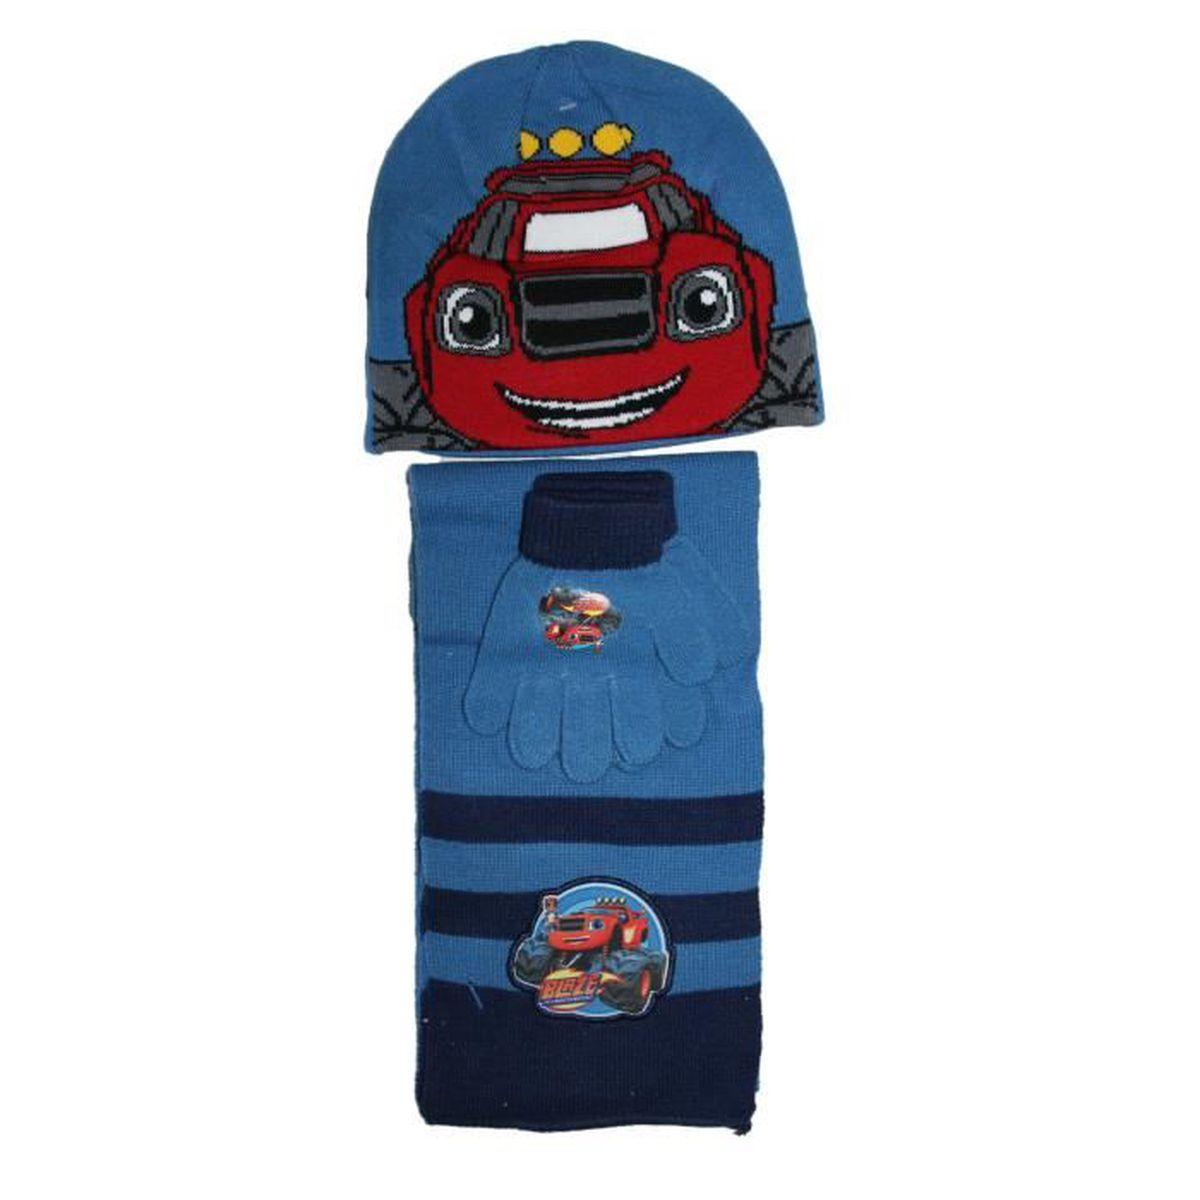 Ensemble bonnet gants écharpe blaze et les monster machines bleu ... 673f1fd2290